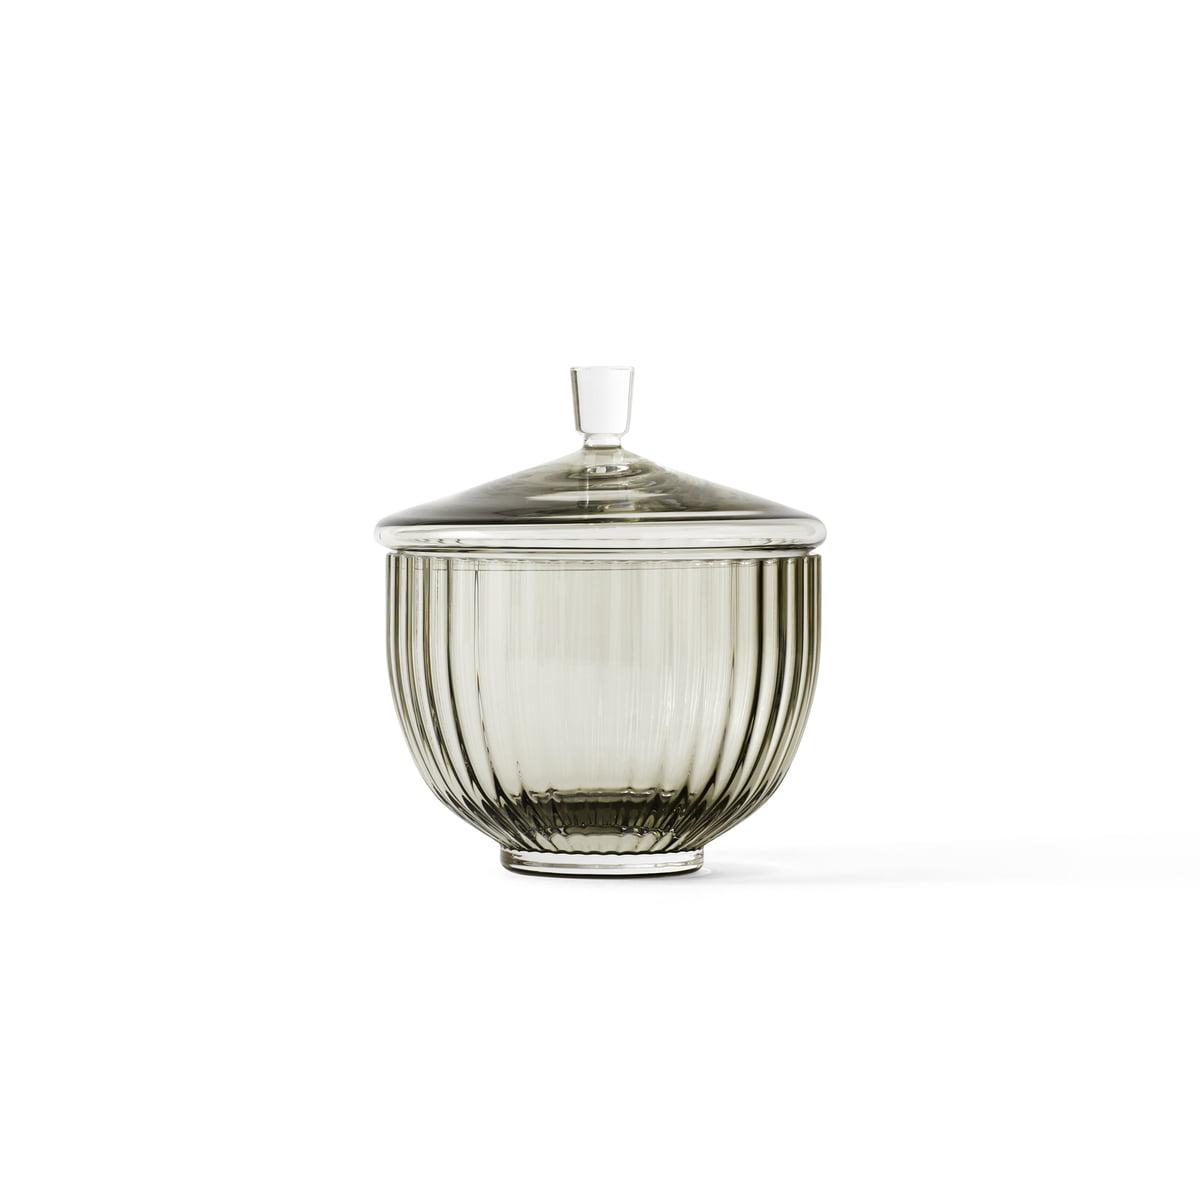 Lyngby porzellan bonbonniere glass 10cm smoke frei